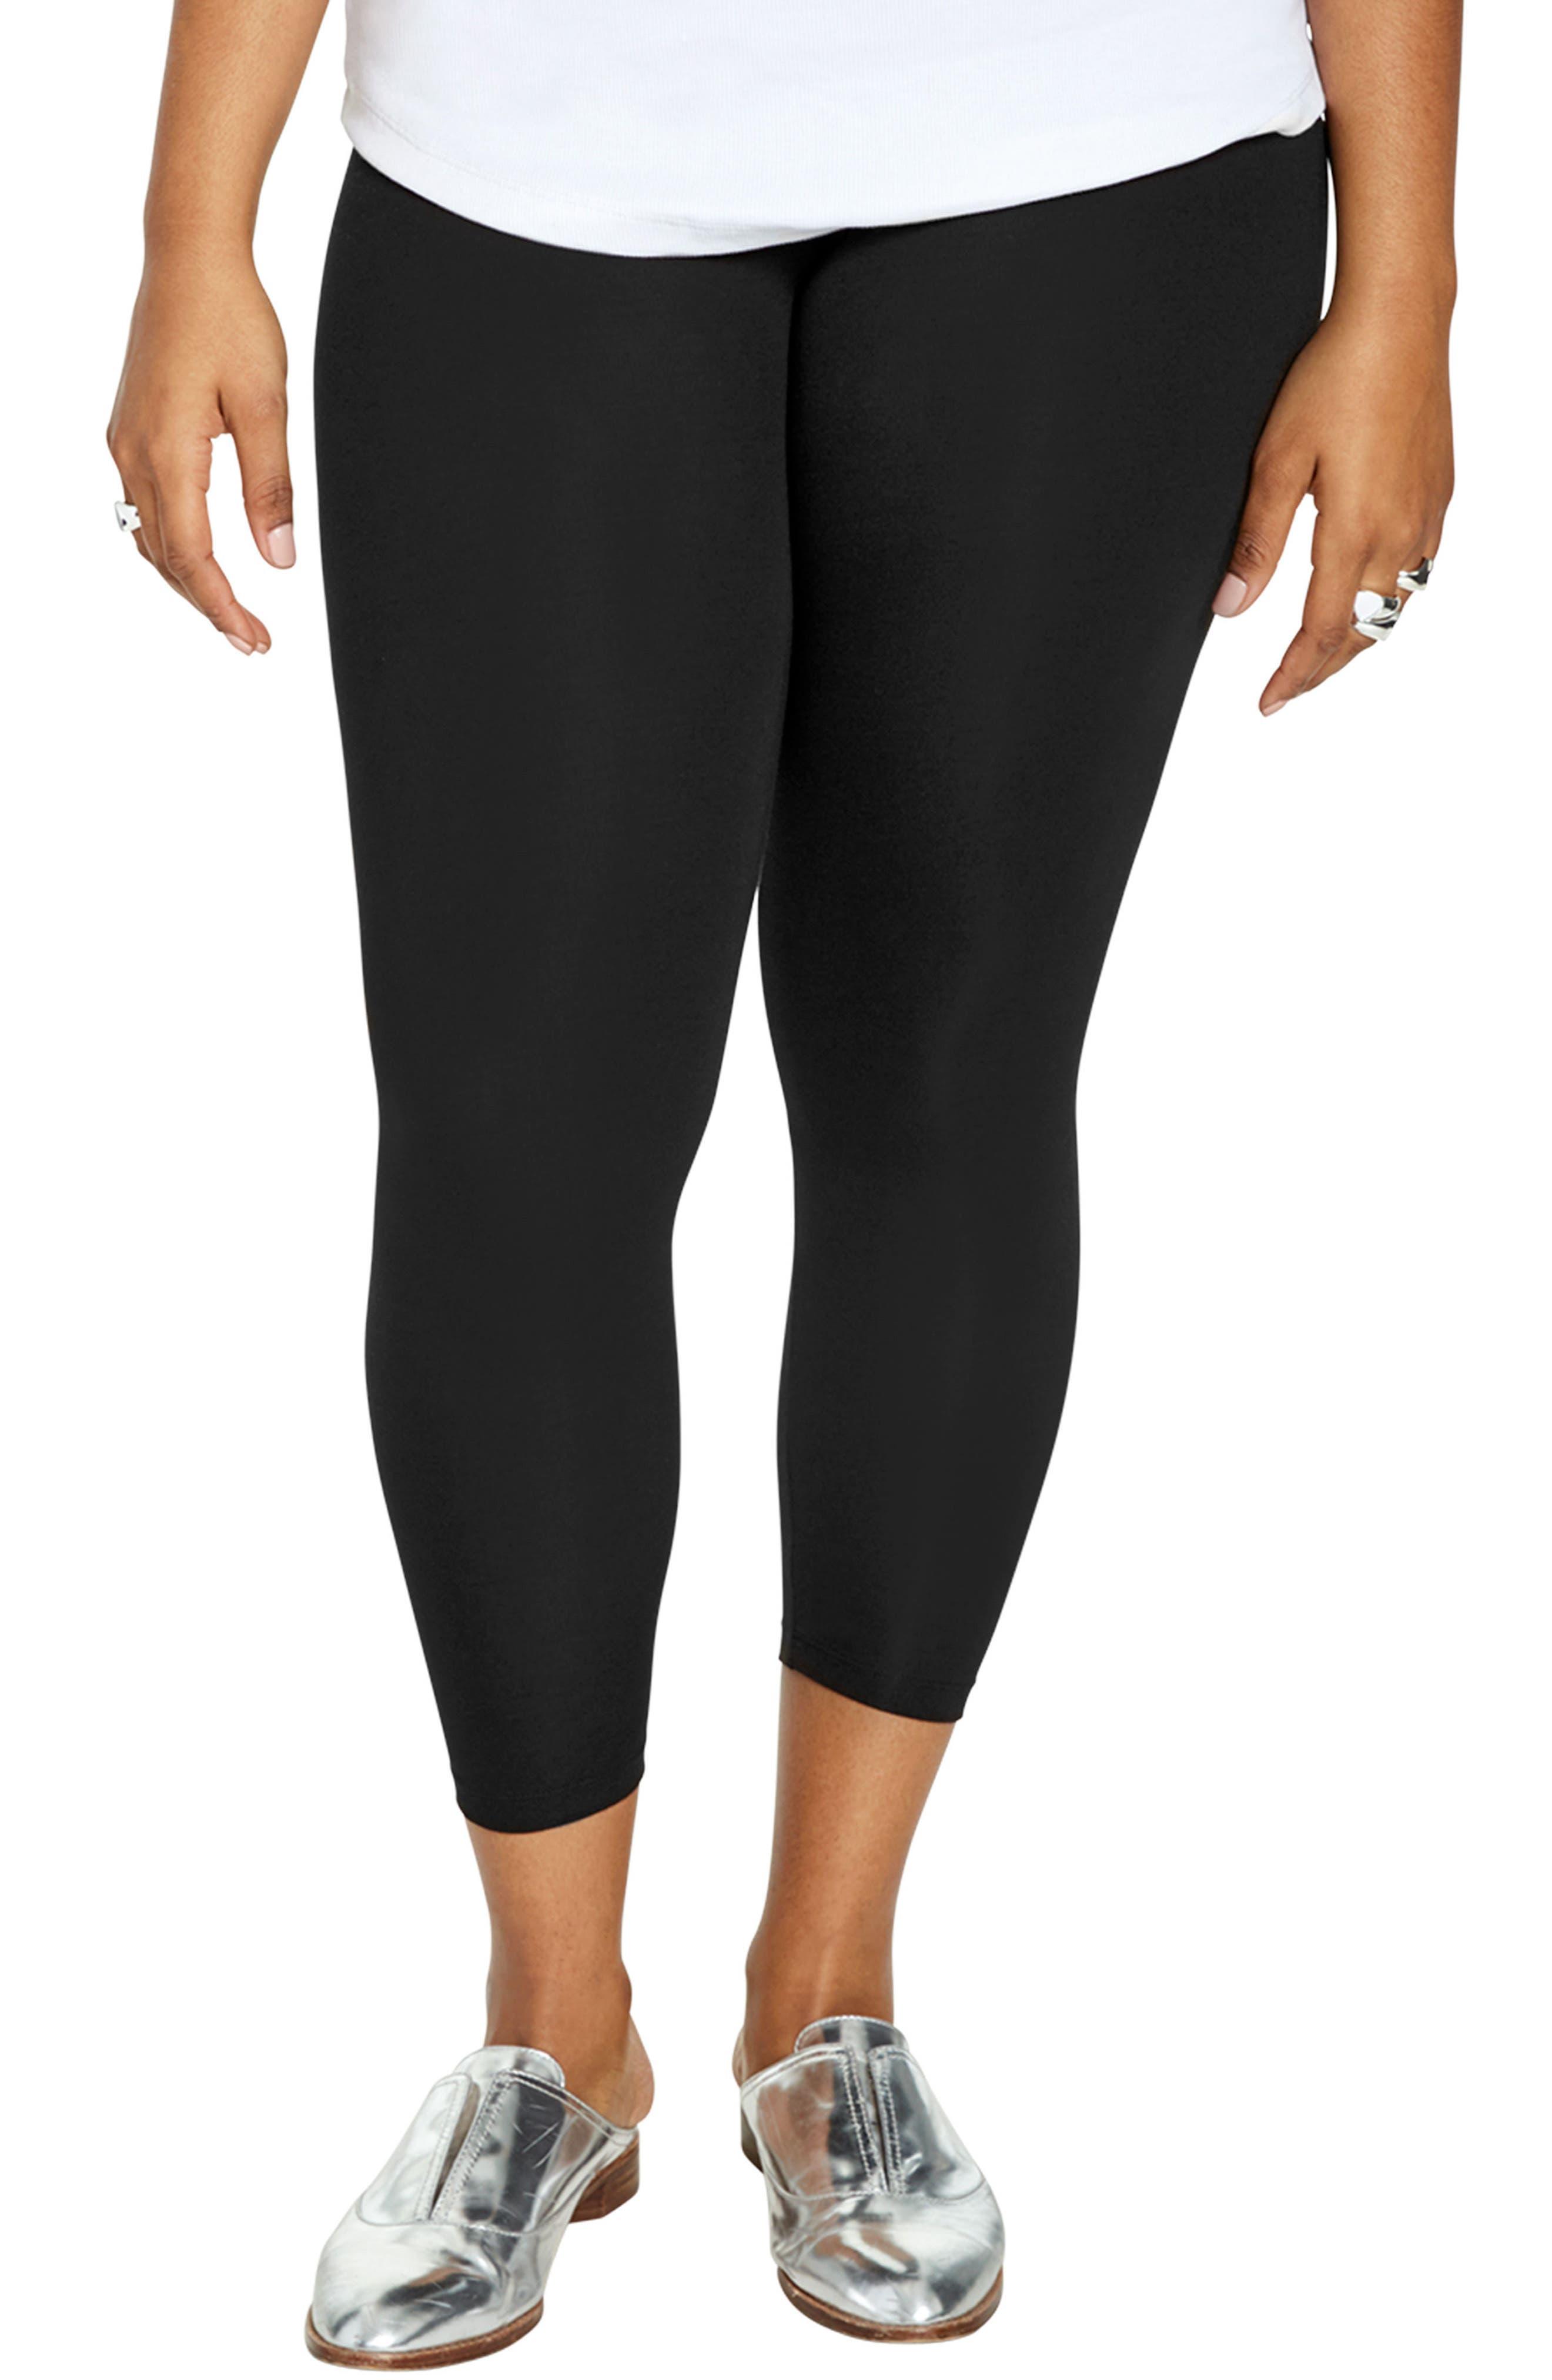 Roya Crop Leggings,                         Main,                         color, Black